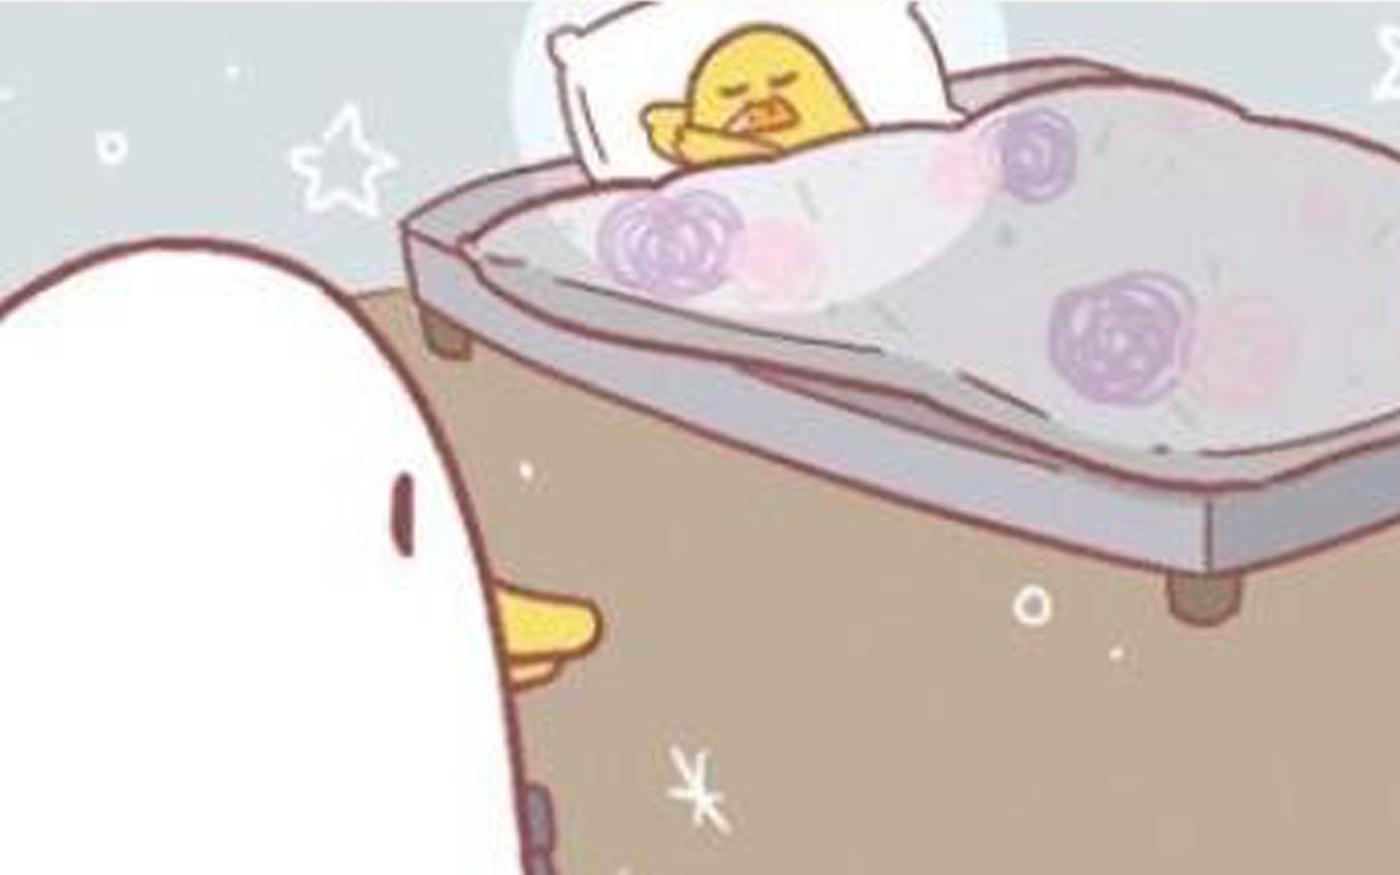 片付けも寝かしつけも努力の結晶…せめて褒められたい!